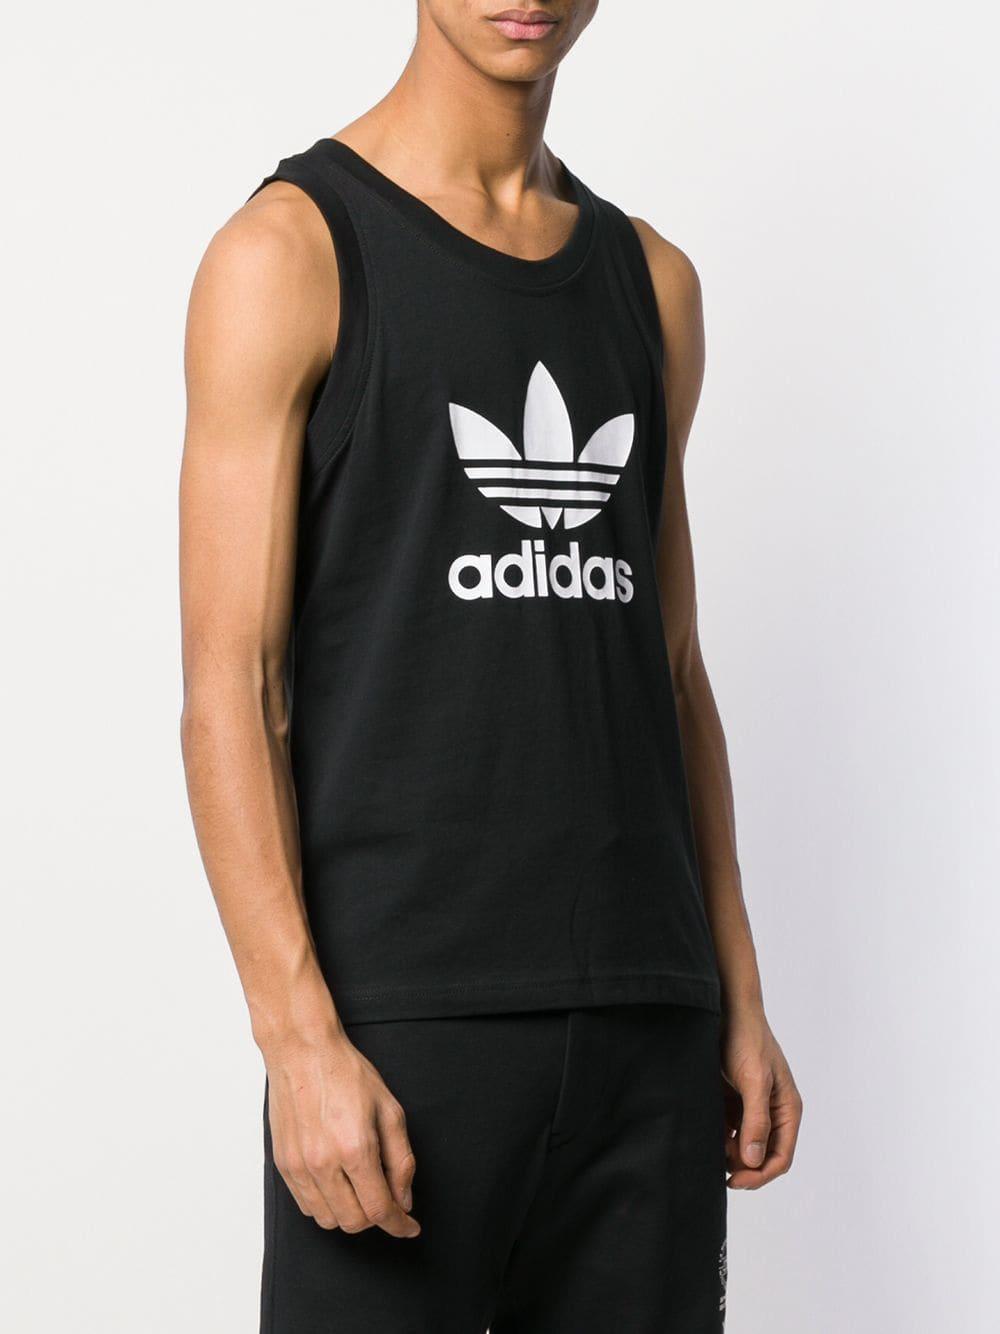 731834d41d8e3 Adidas - Black Trefoil Logo Tank Top for Men - Lyst. View fullscreen